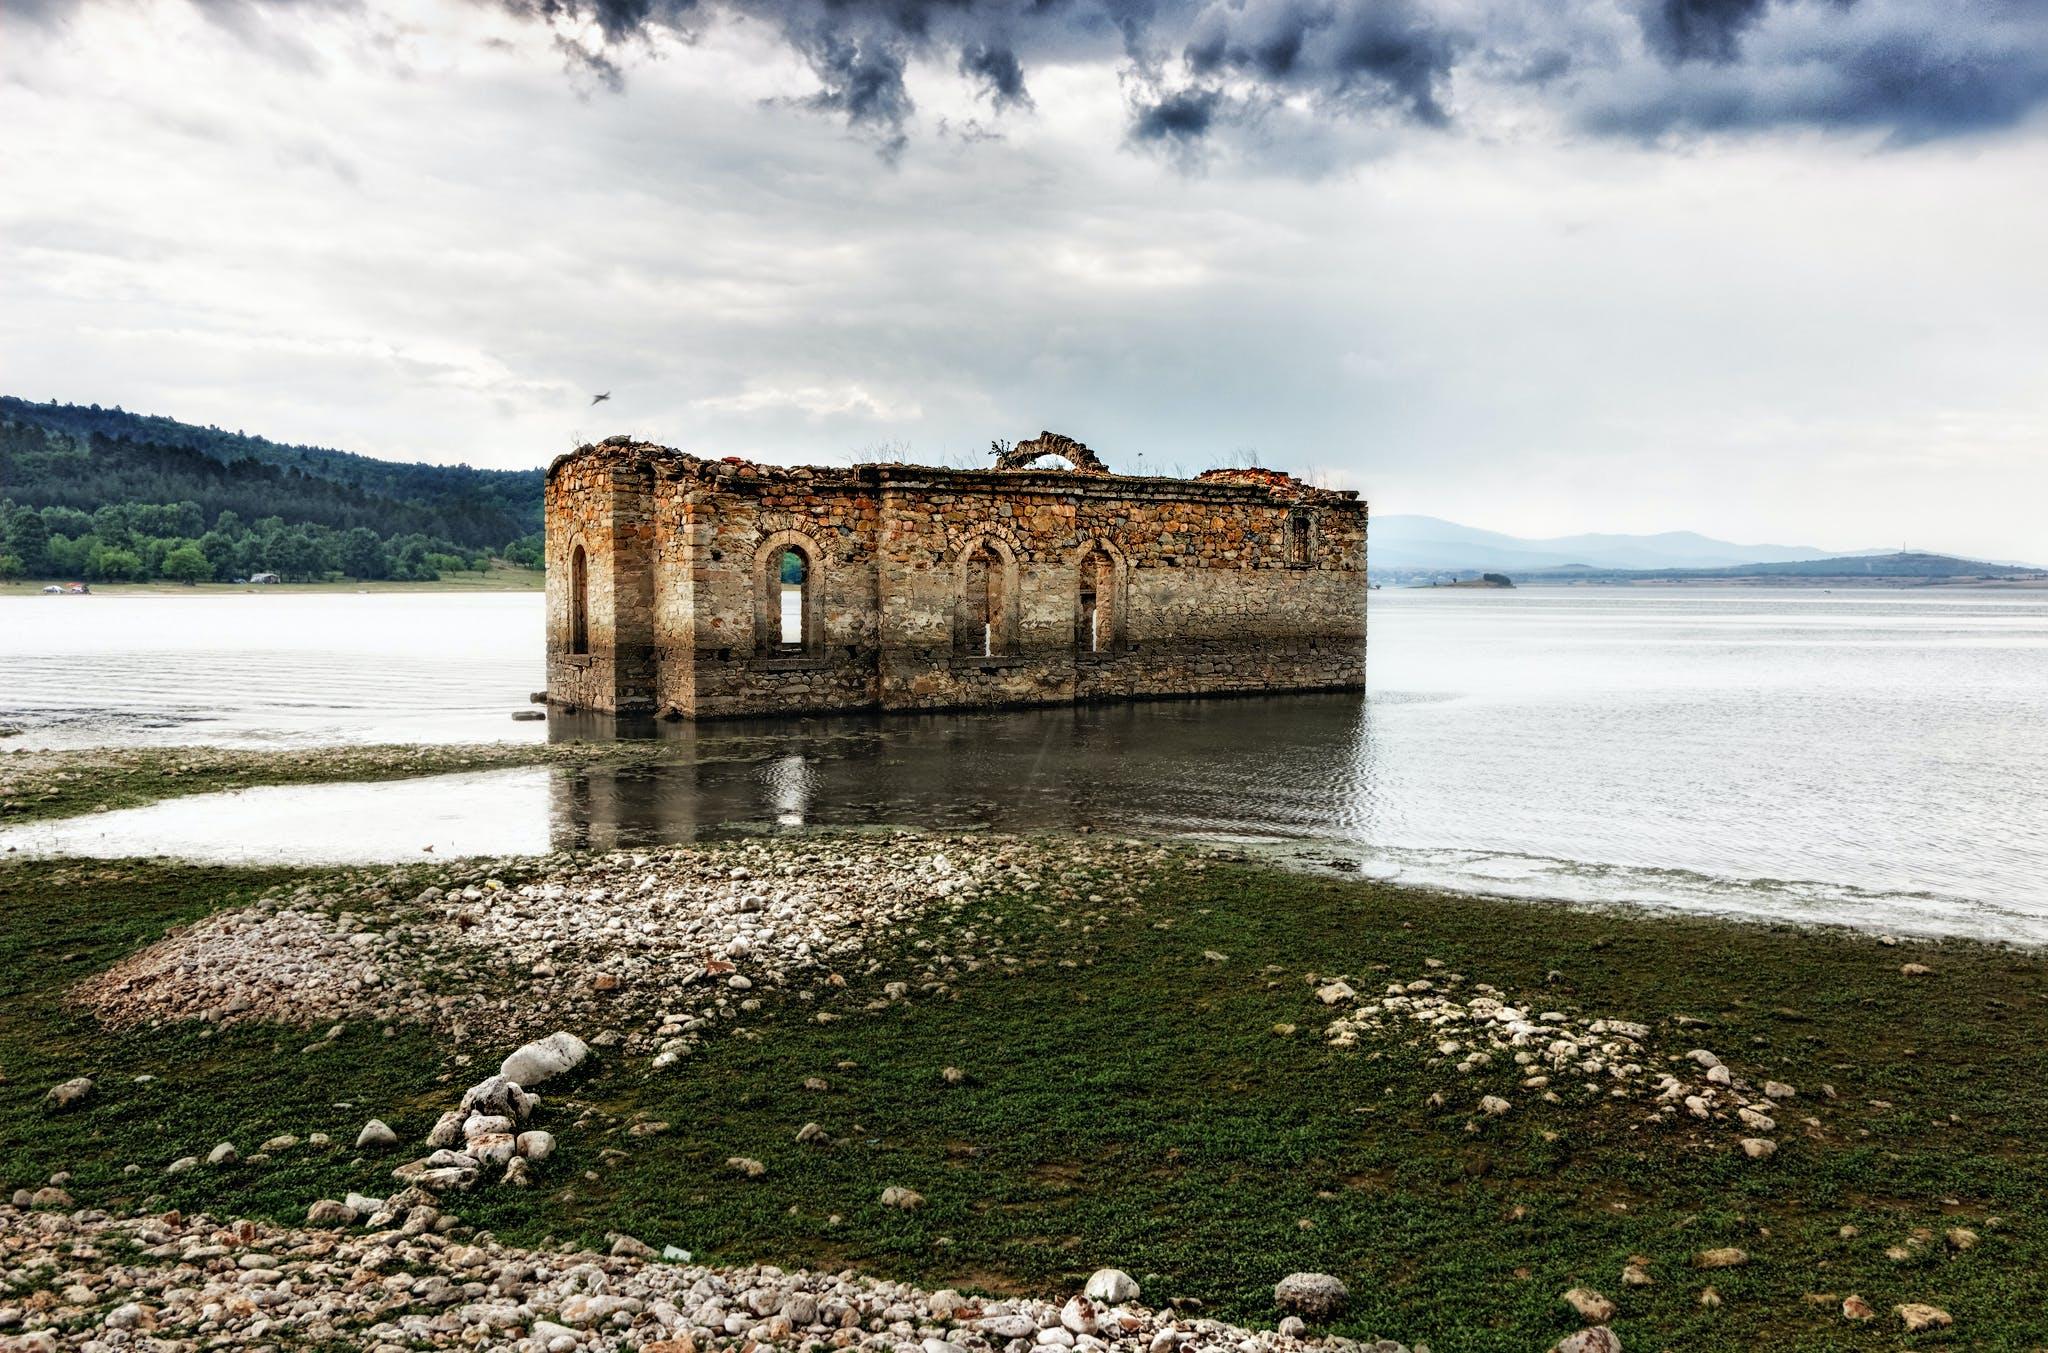 Δωρεάν στοκ φωτογραφιών με αρχιτεκτονική, βράχια, γρασίδι, εγκαταλειμμένος